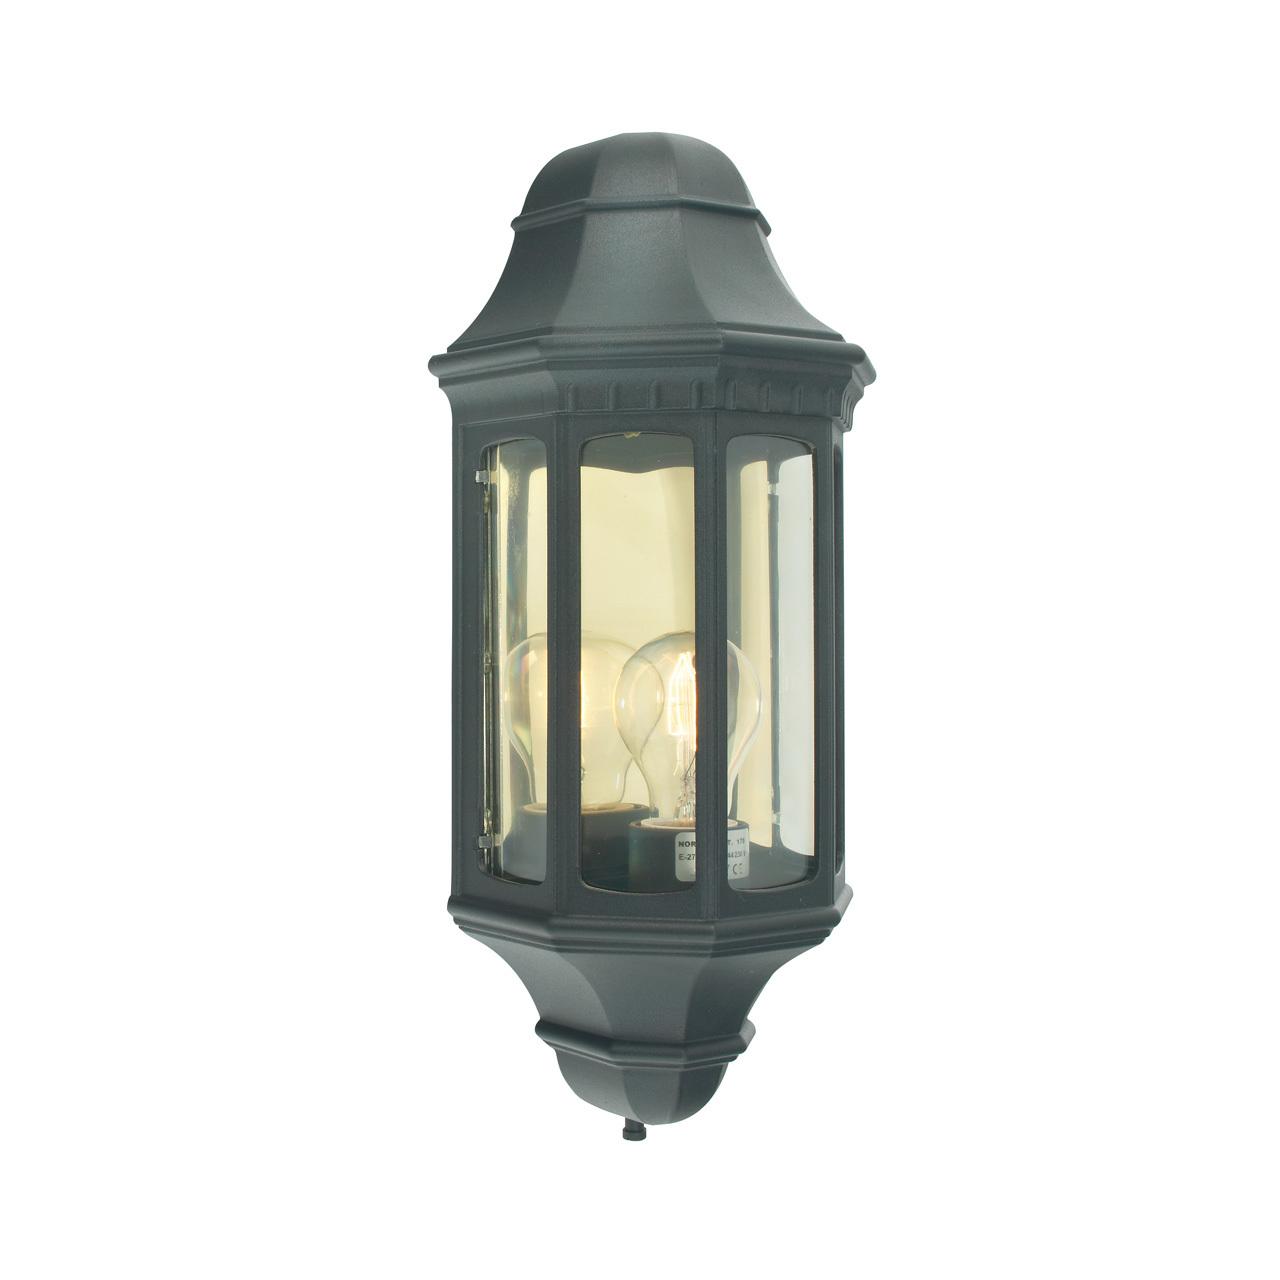 Lampa ścienna GENOVA 170B -Norlys  SPRAWDŹ RABATY  5-10-15-20 % w koszyku